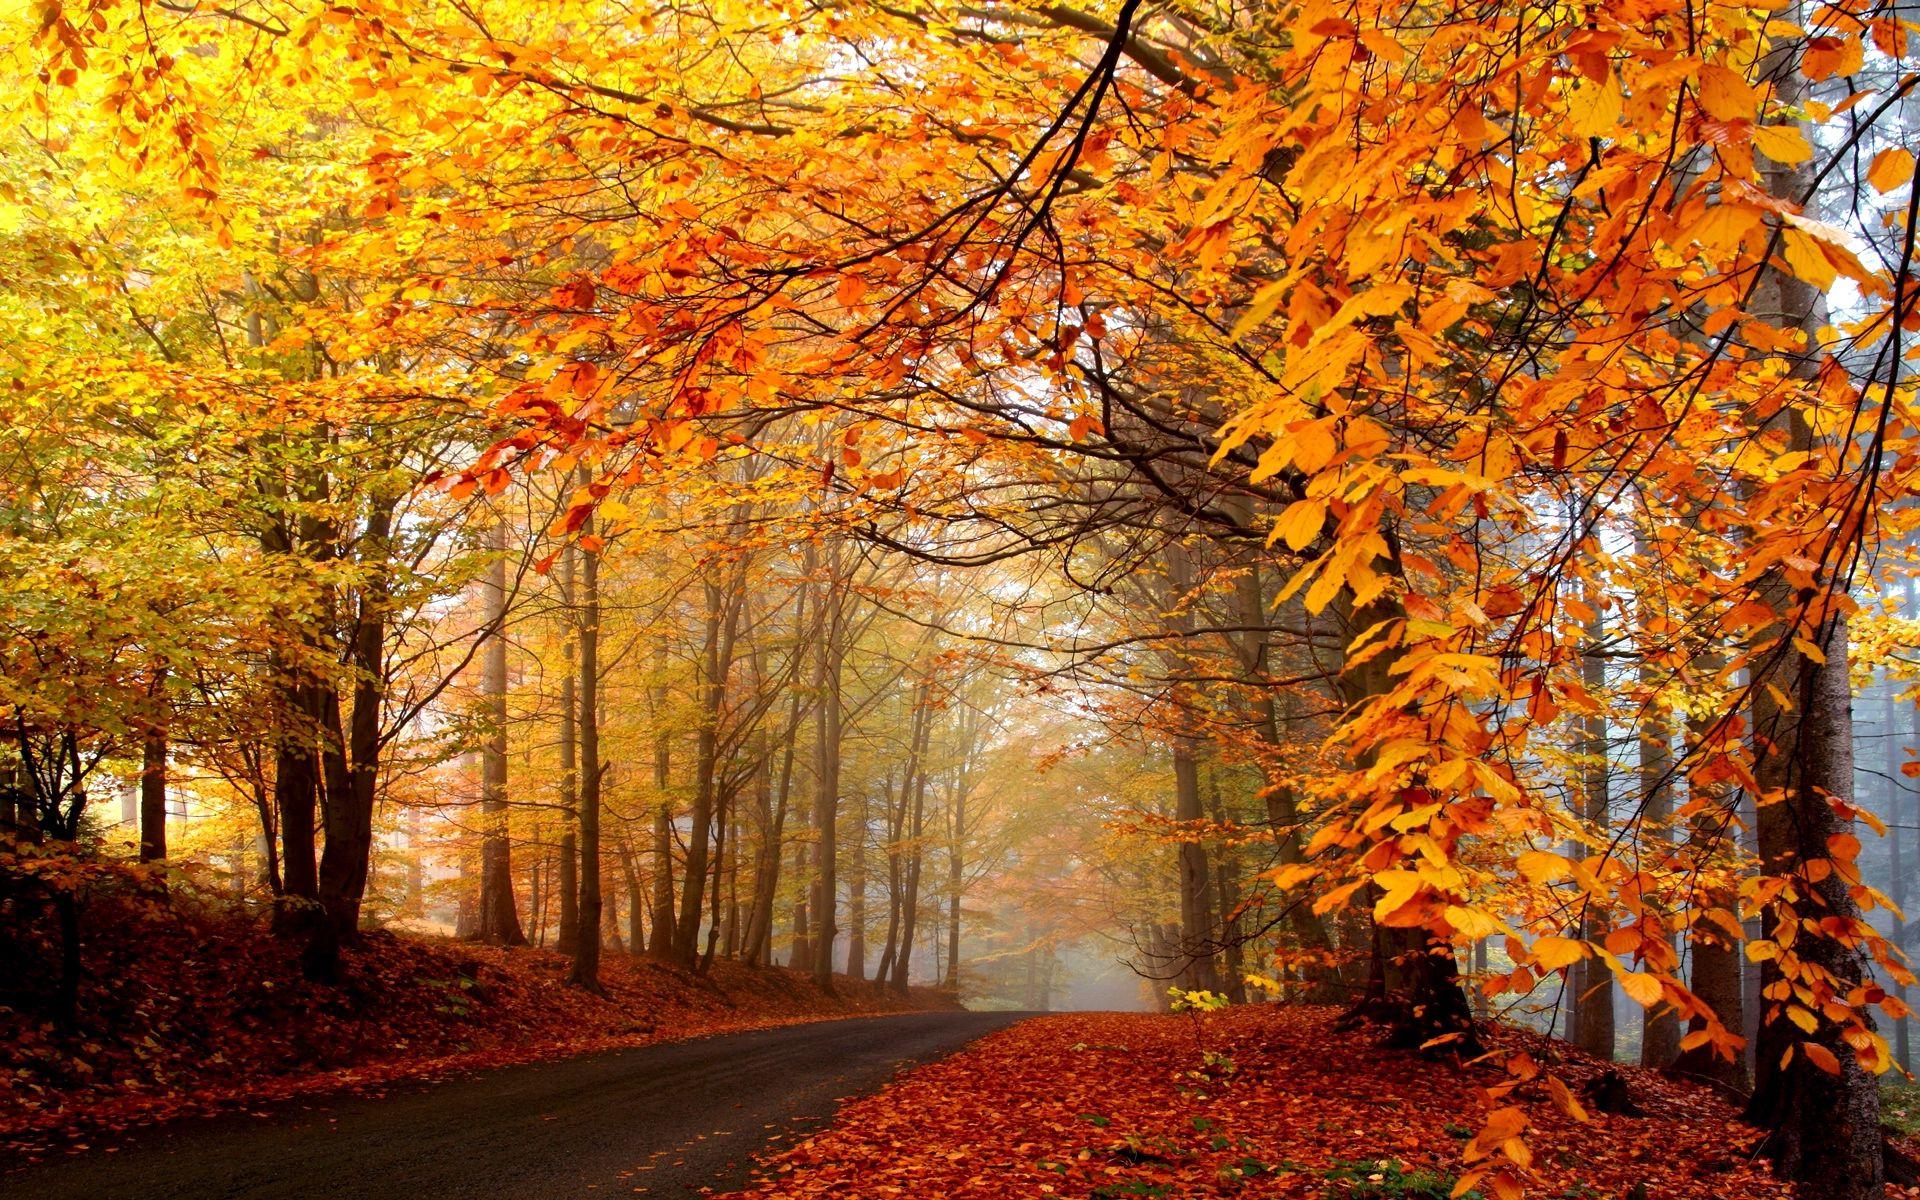 115524 Lade kostenlos Gelb Hintergrundbilder für dein Handy herunter, Natur, Bäume, Herbst, Blätter, Hell, Straße, Nebel, Asphalt, Dunst, Haze Gelb Bilder und Bildschirmschoner für dein Handy